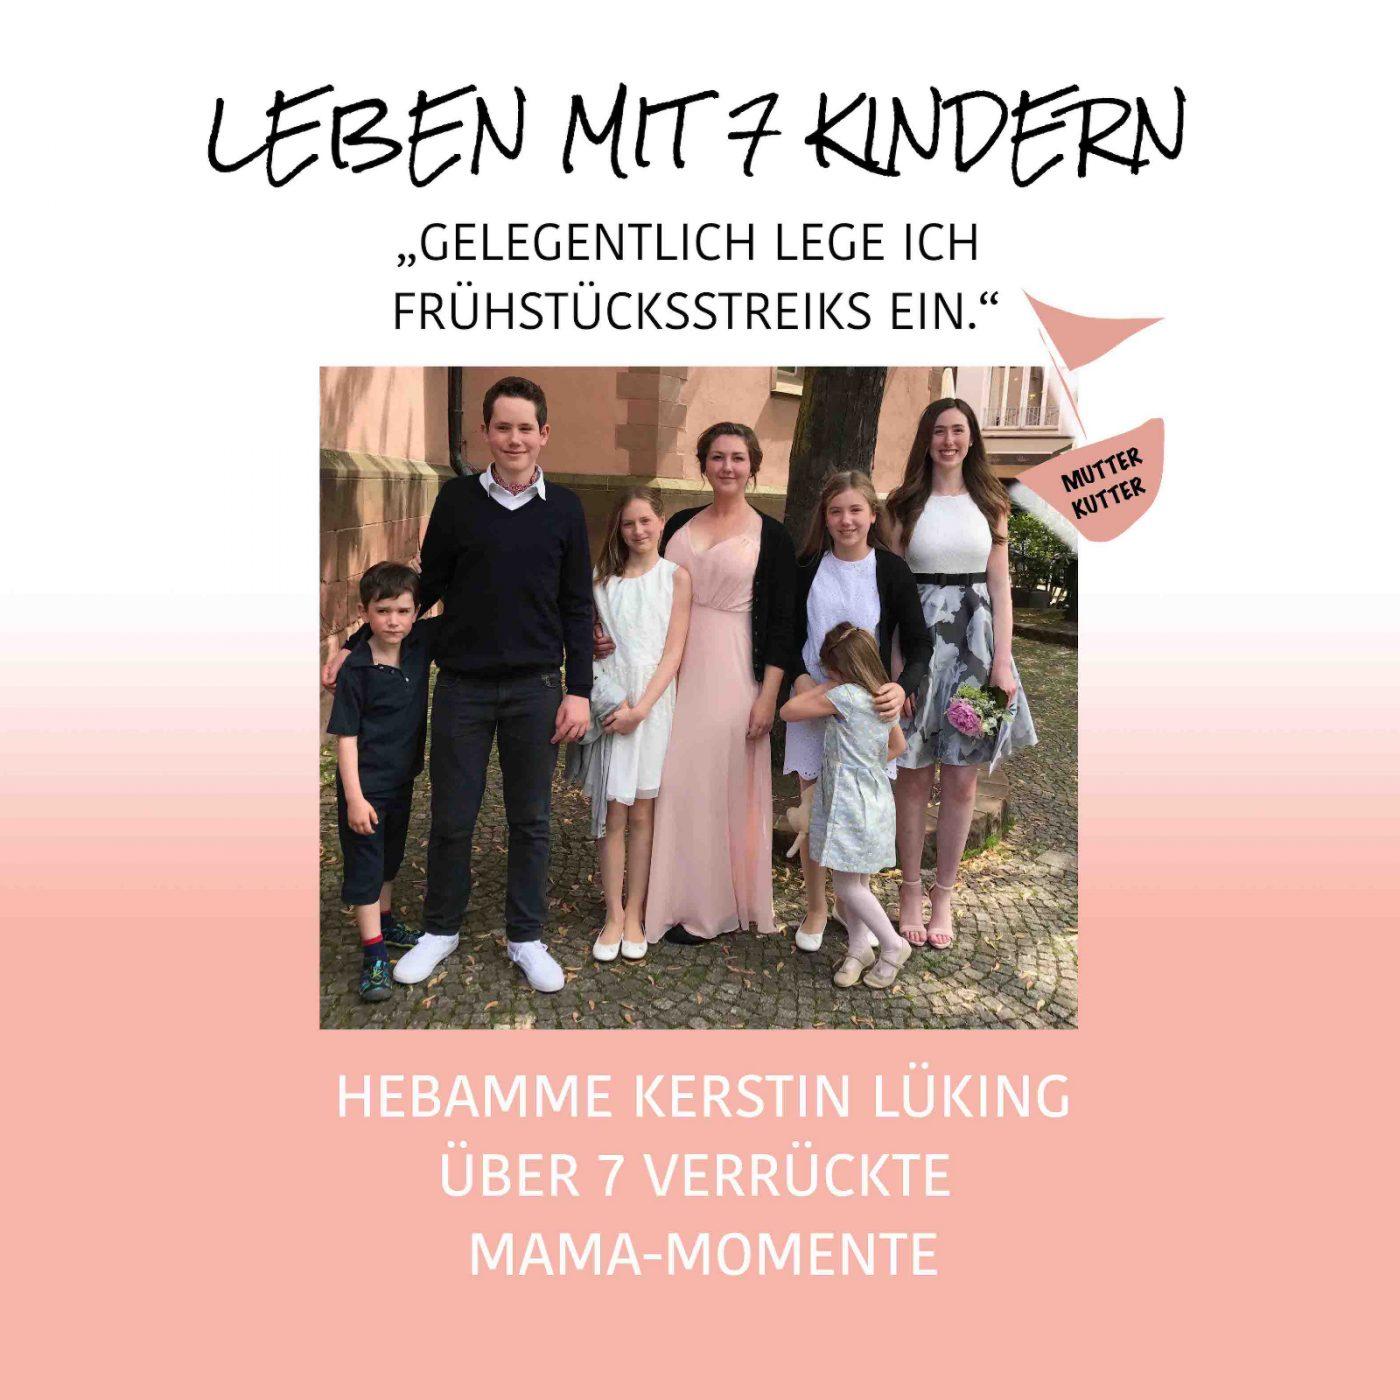 Hebamme sieben Kinder Leben mit sieben Kindern Wahnsinn MutterKutter Kerstin Lüking